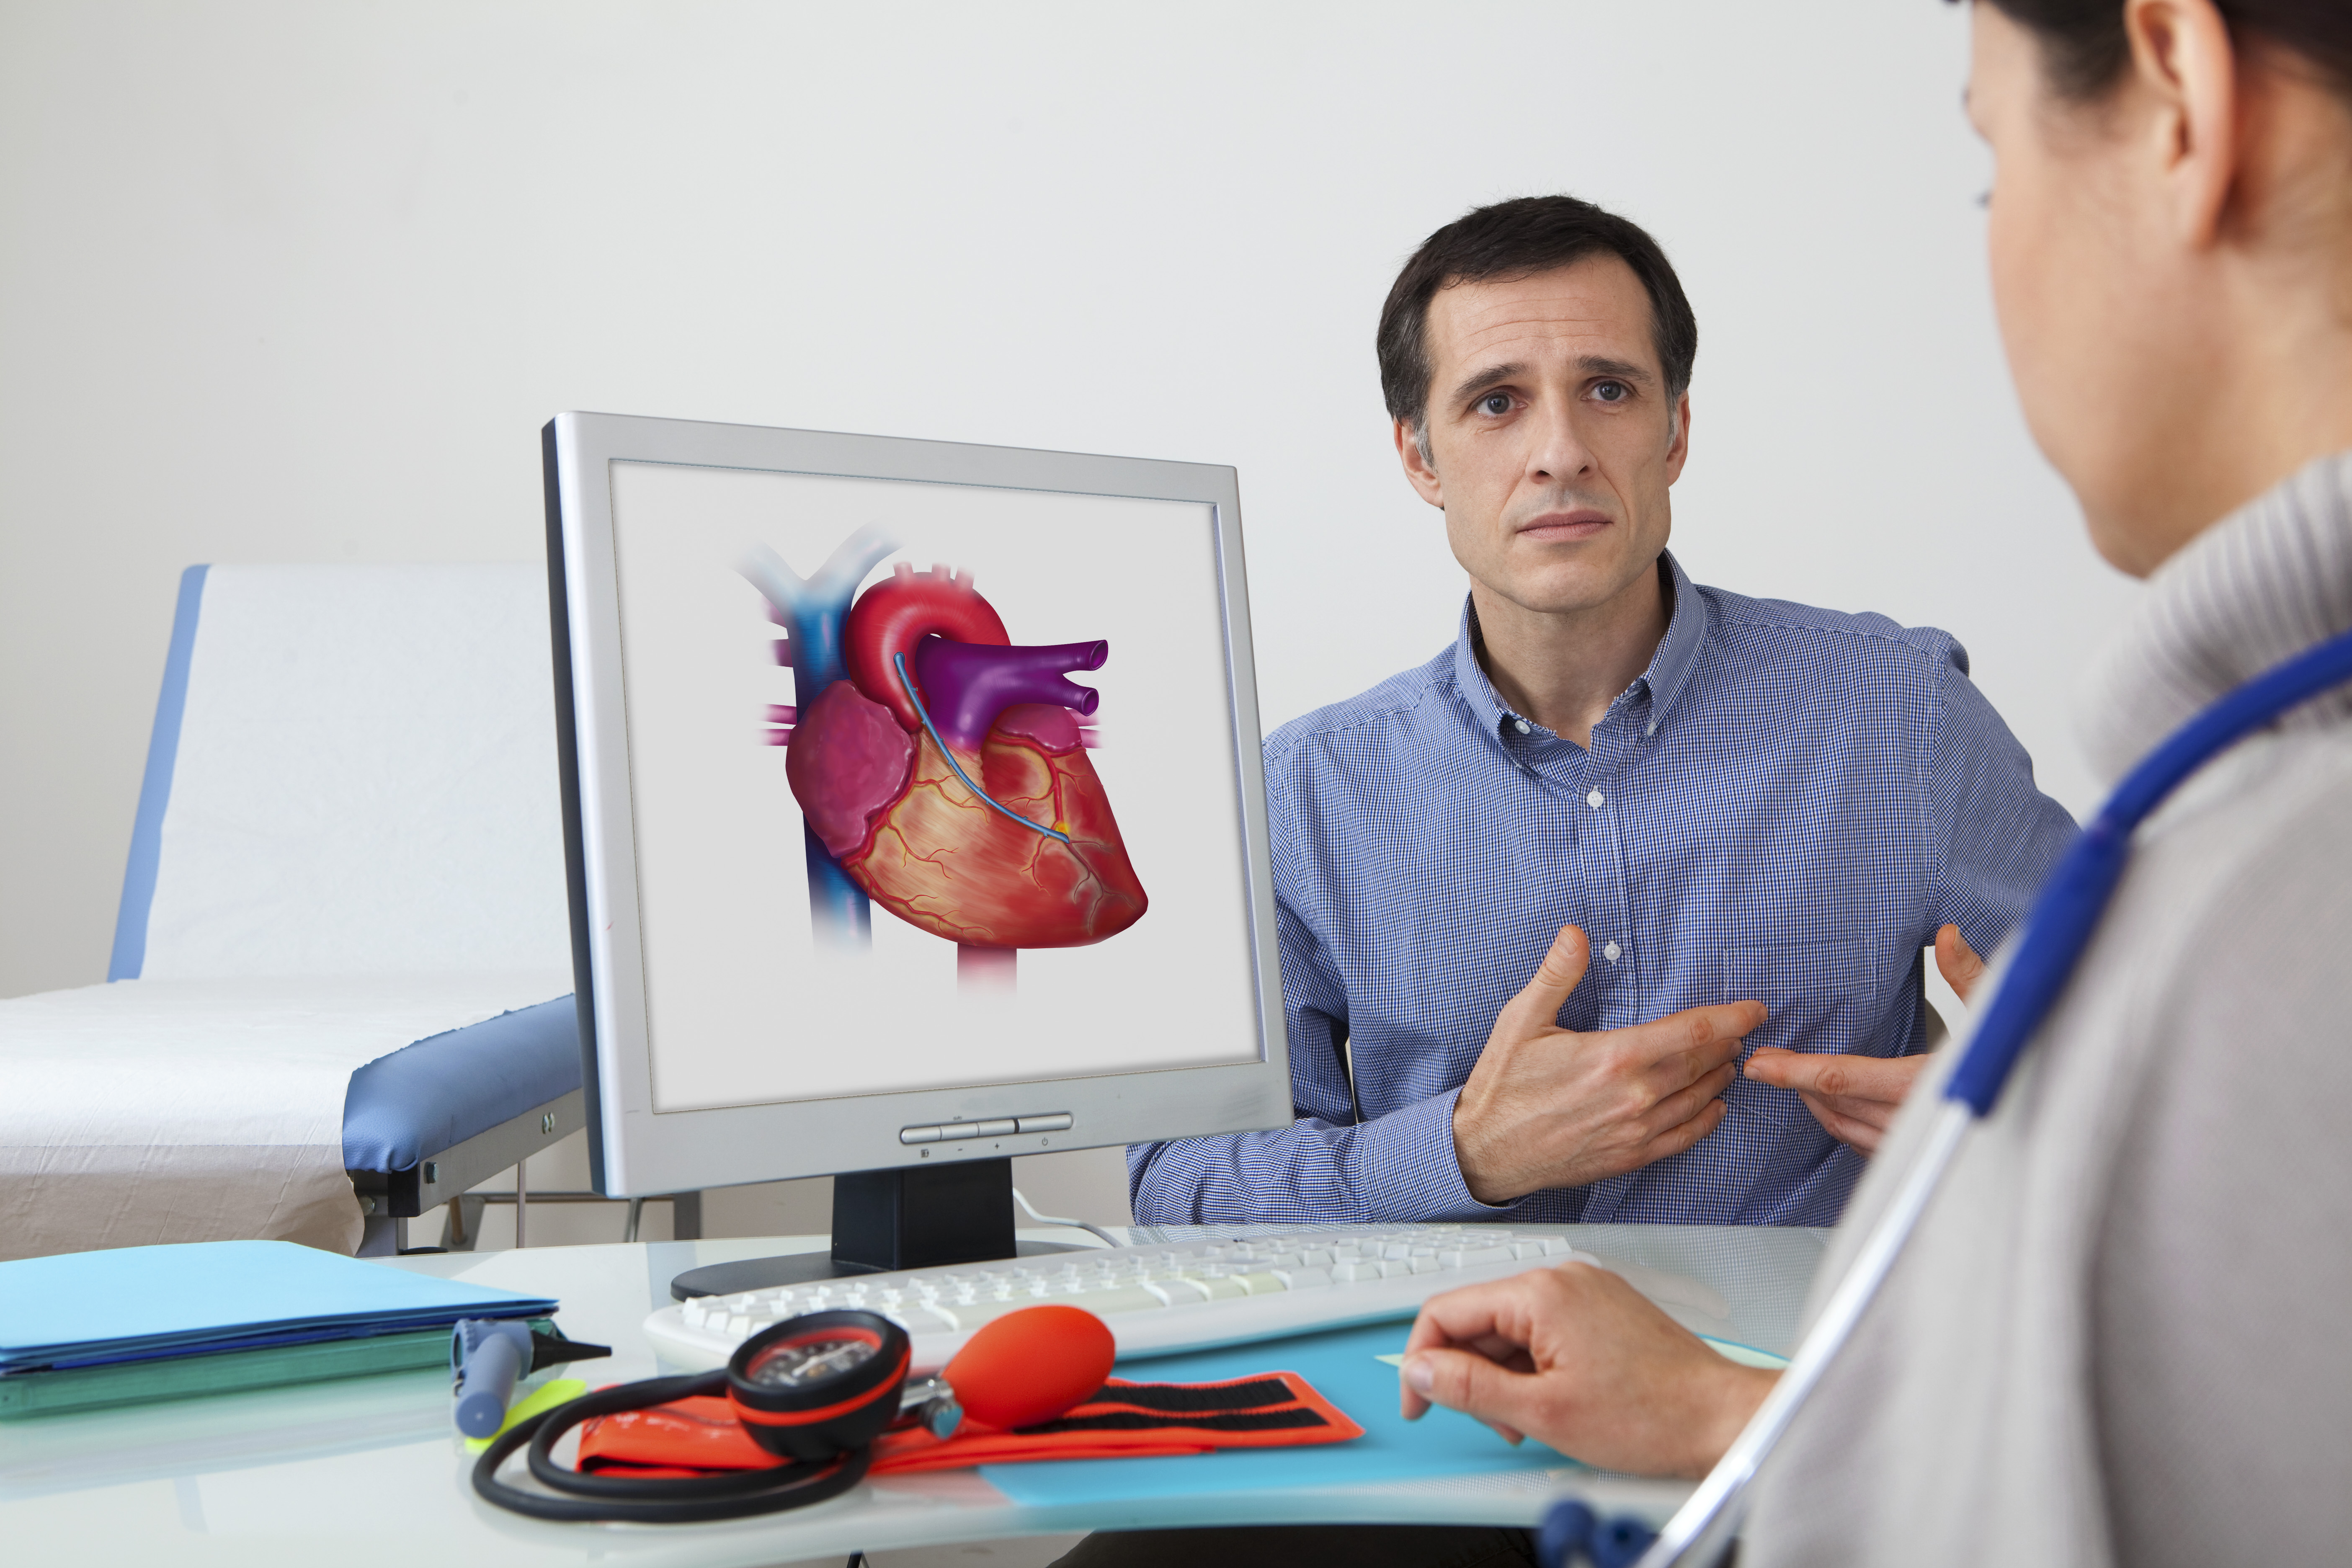 Den vanligaste dödsorsaken i världen är hjärt- och kärlsjukdomar där fyra av tio personer dör på grund av t.e.x hjärtinfarkt eller stroke.